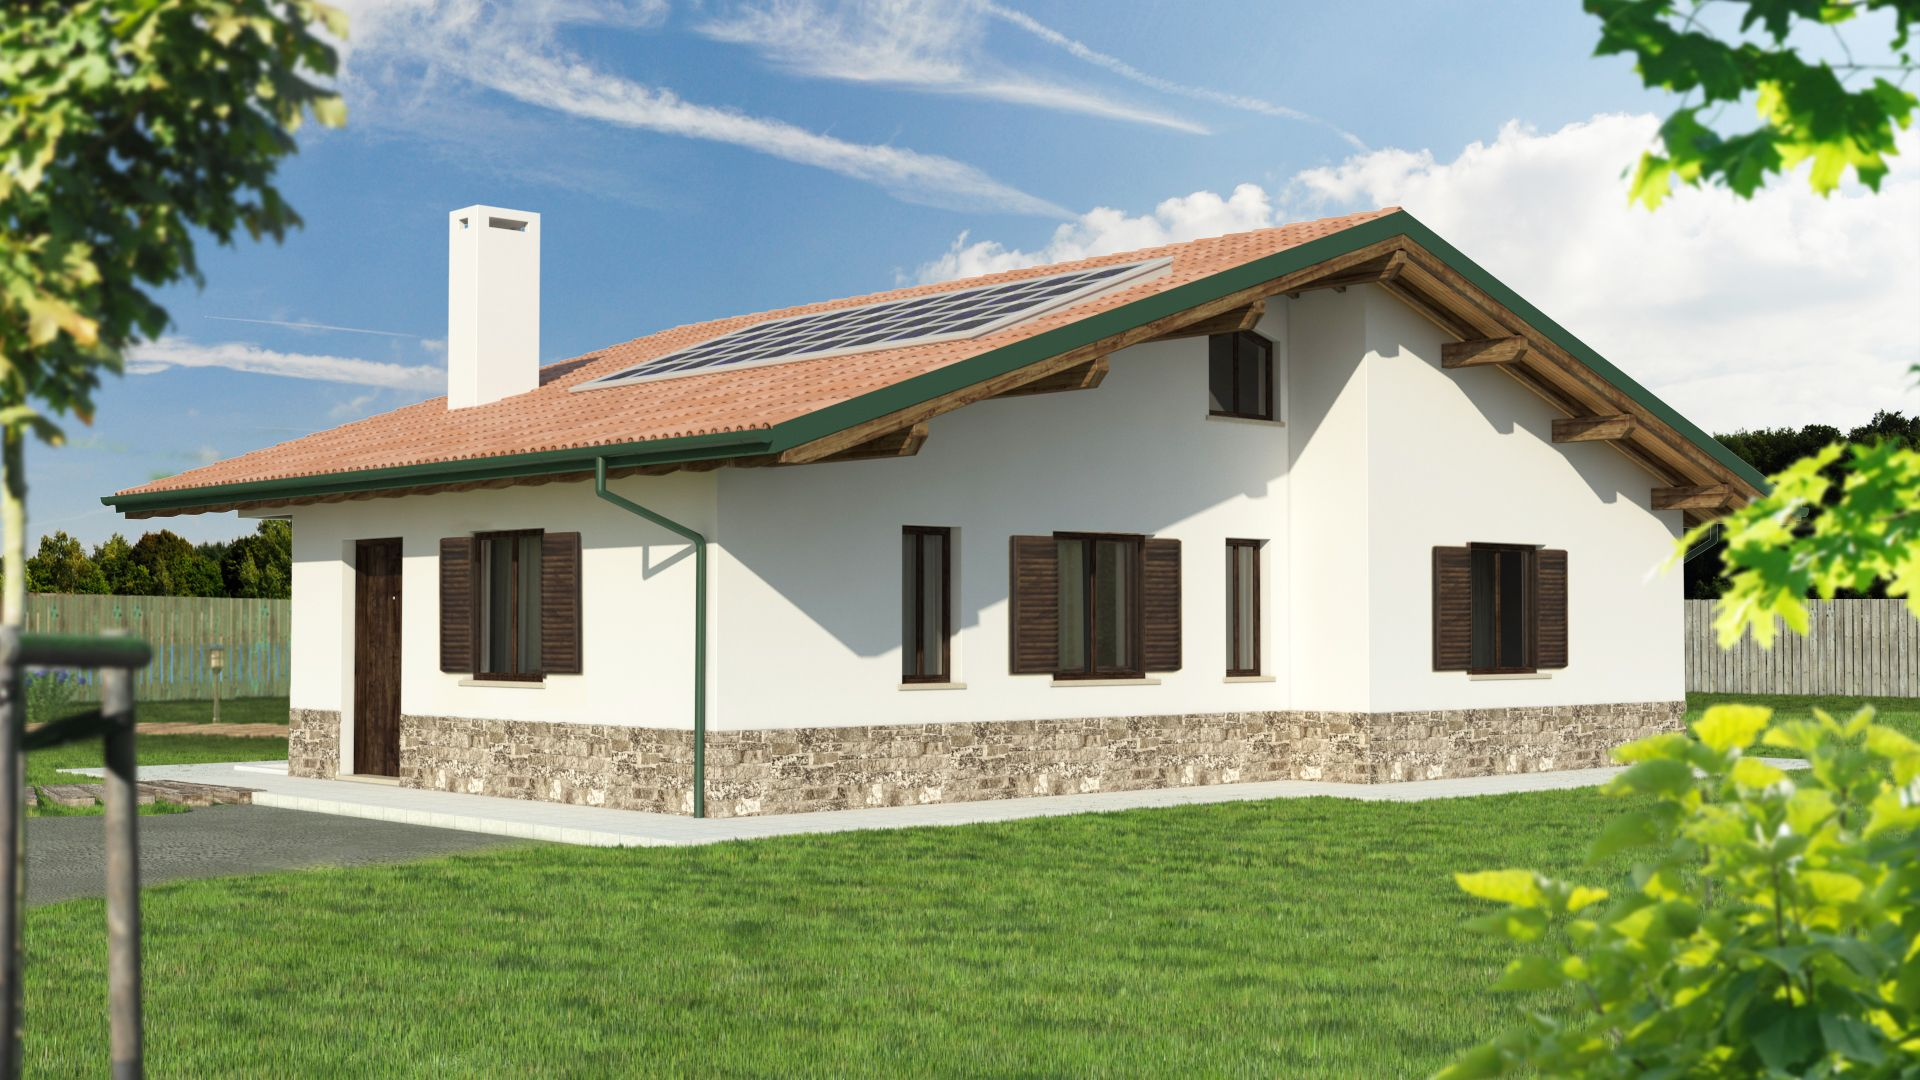 Progetto casa in legno bipiano urb16 da 110 metri quadrati for Planimetrie in stile cottage